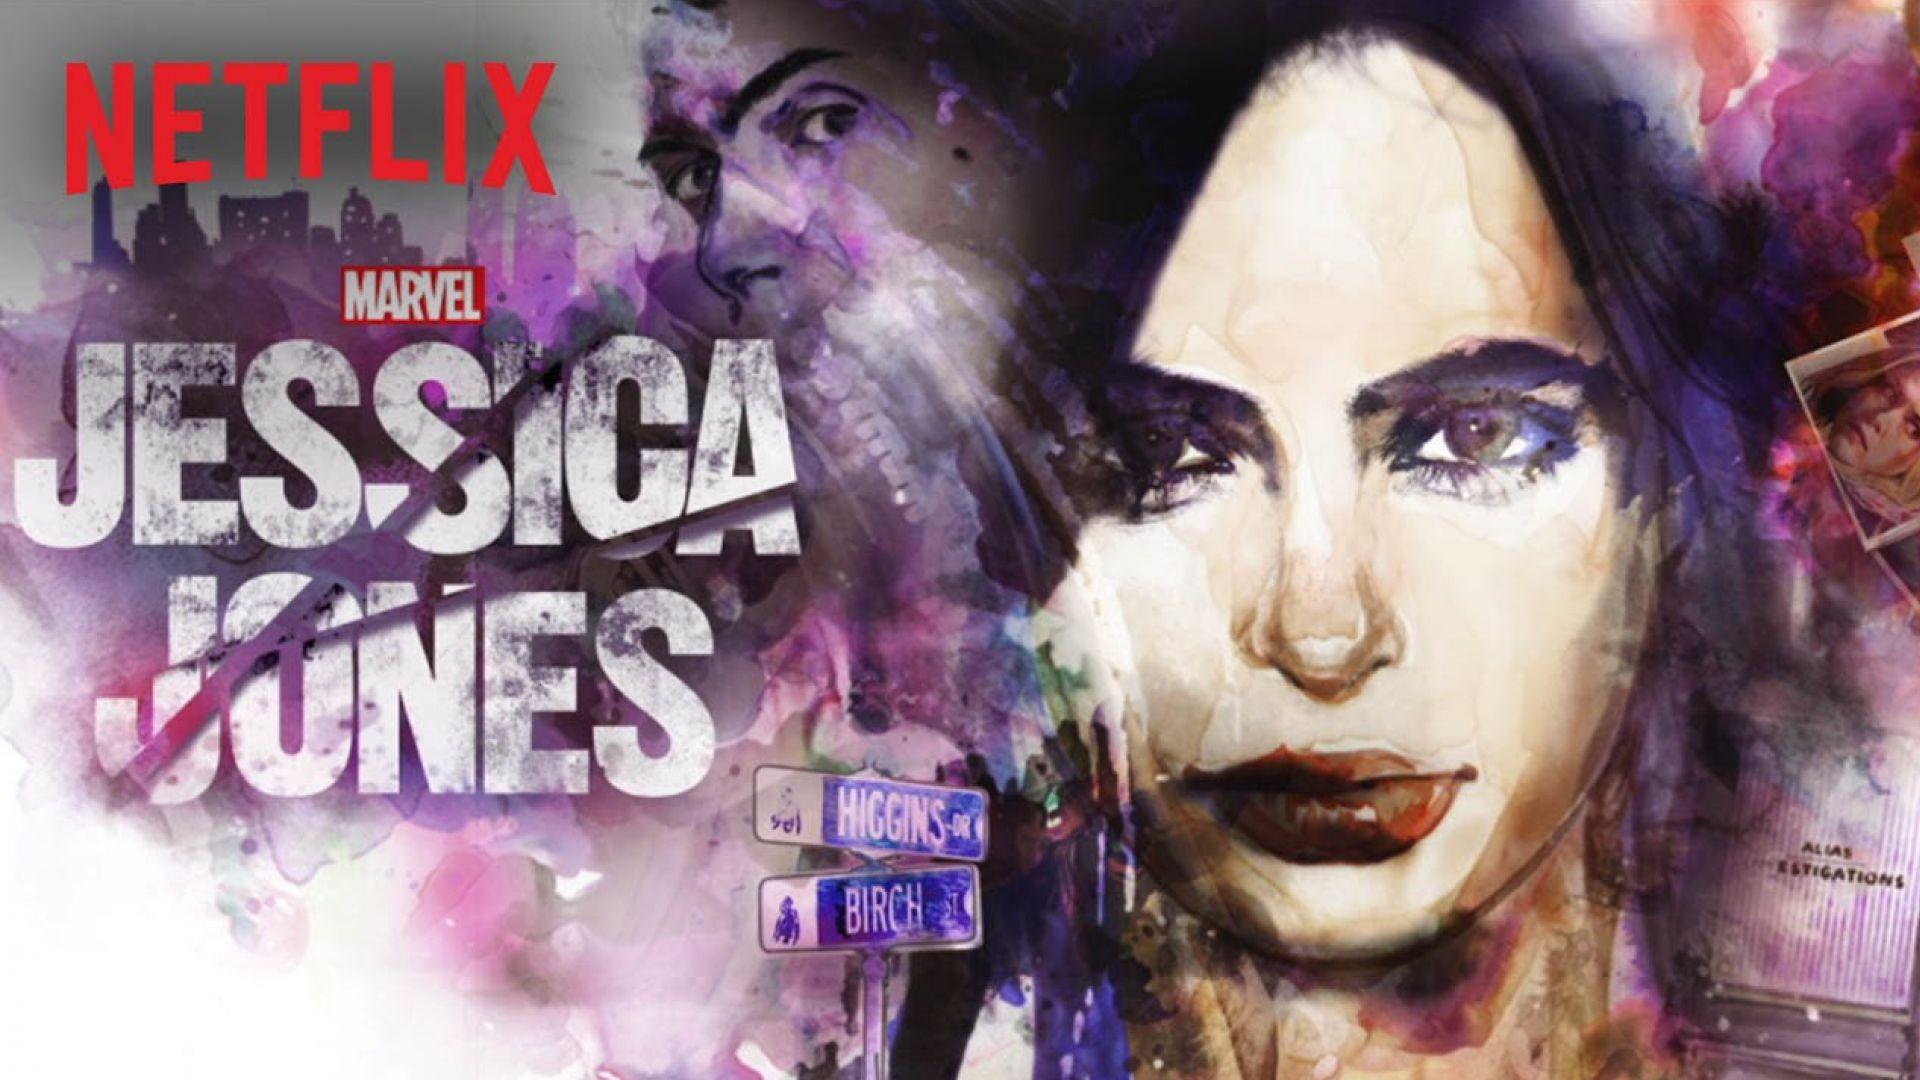 Motion Poster for Marvel's Jessica Jones